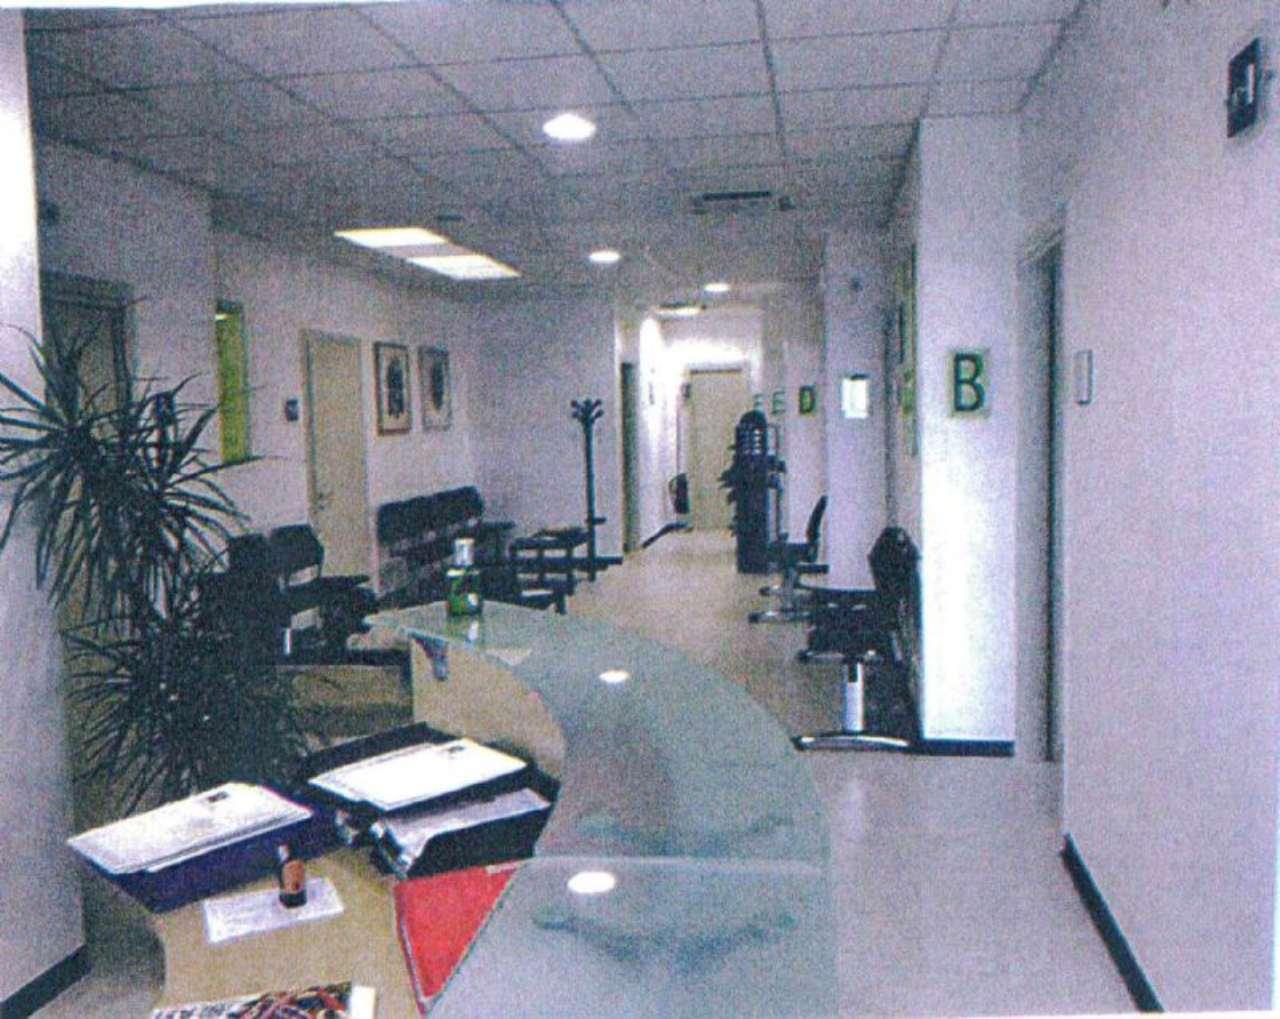 Ufficio / Studio in affitto a Marcon, 9999 locali, prezzo € 1.200 | Cambio Casa.it